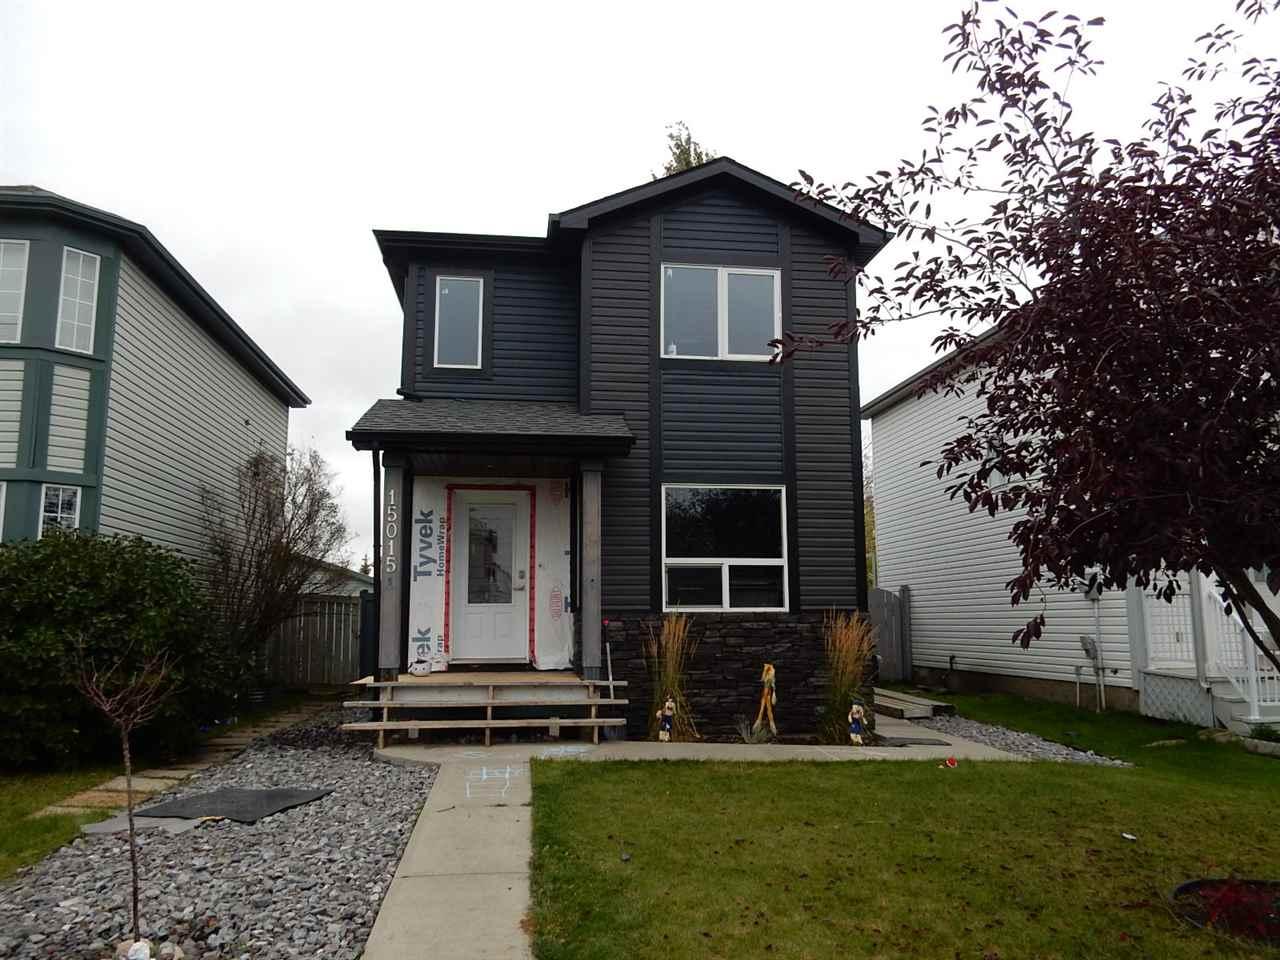 15015 132 Street, Edmonton, Alberta, T6V 1K8